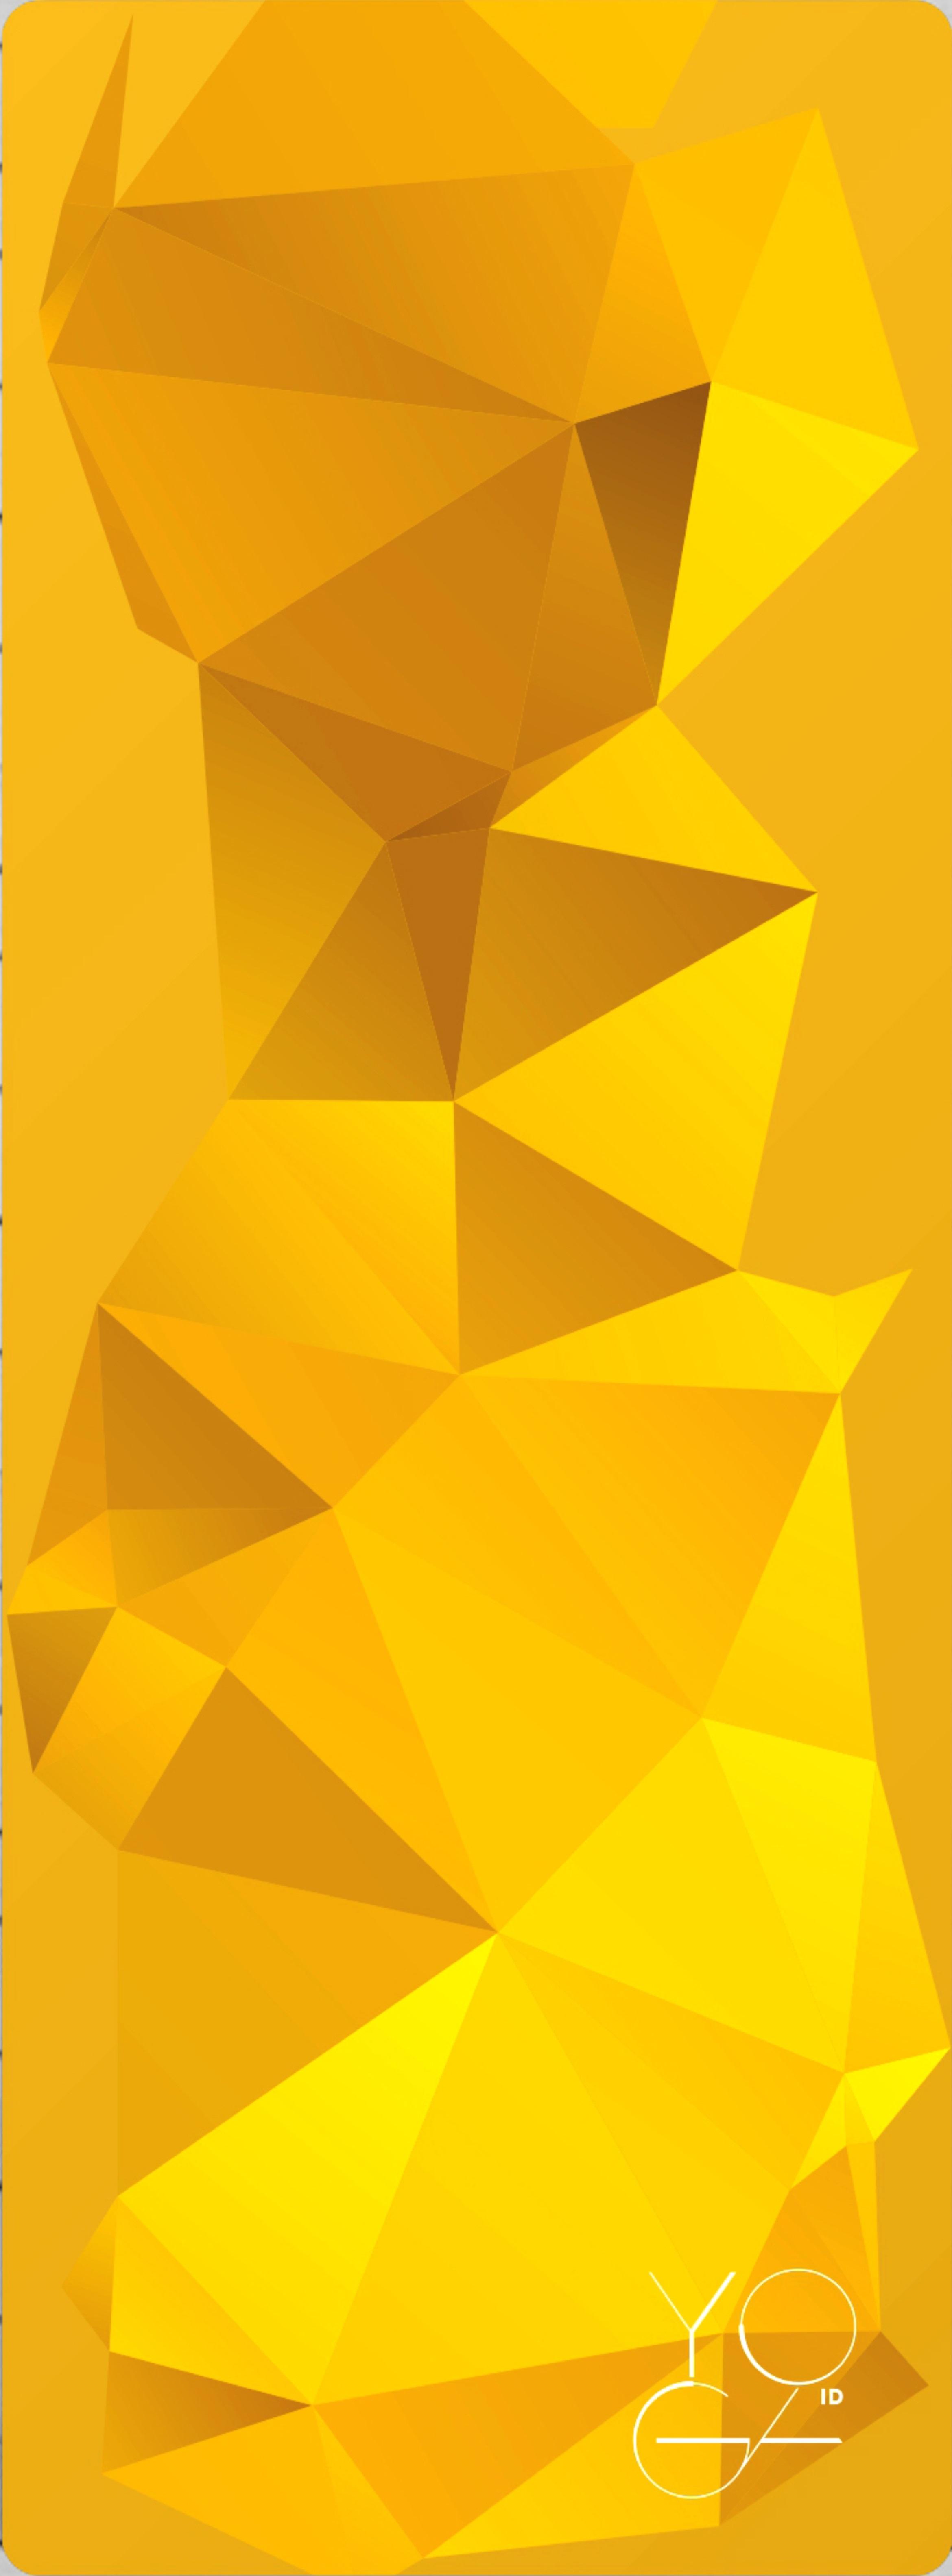 Коврик для йоги Yoga ID Africa, цвет: золотистый, 173 х 61 х 0,3 см0014Коврик для йоги Yoga ID Africa - идеальный коврик для динамических практик, совмещающий в себе функции коврика и полотенца. Основание из натурального органического каучука обеспечивает надежную сцепку с любой поверхностью, а абсорбирующее покрытие microfiber предотвращает скольжение! И, в конце концов, это просто красиво! В комплект входит переноска для коврика. Рекомендации по использованию:-рекомендуется ручная стирка при температуре 30°С с деликатным моющим средством.Для еще лучшей стабилизации в определенных асанах рекомендуется смачивать ладони водой перед началом практики.Йога: все, что нужно начинающим и опытным практикам. Статья OZON Гид